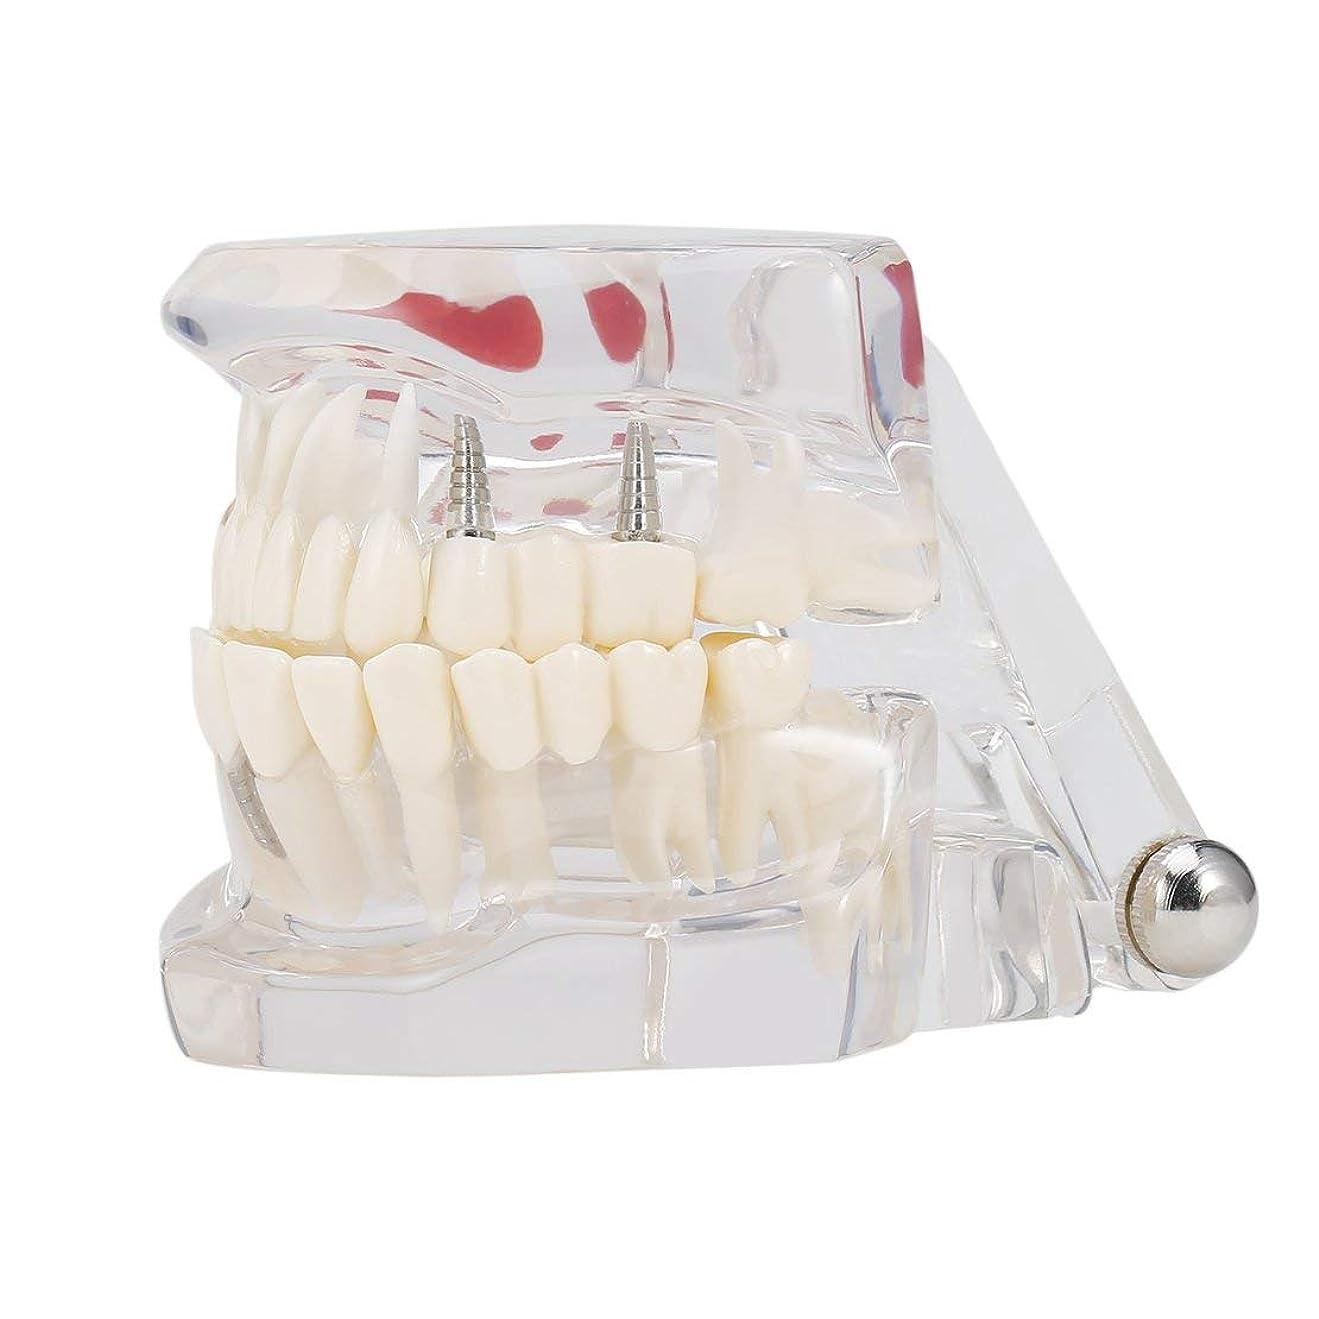 九無知ポテト専門の取り外し可能な偽の歯の歯の病気のモルデルの歯科インプラント回復表示医院の病院の教育使用 (色:黒) (PandaW)